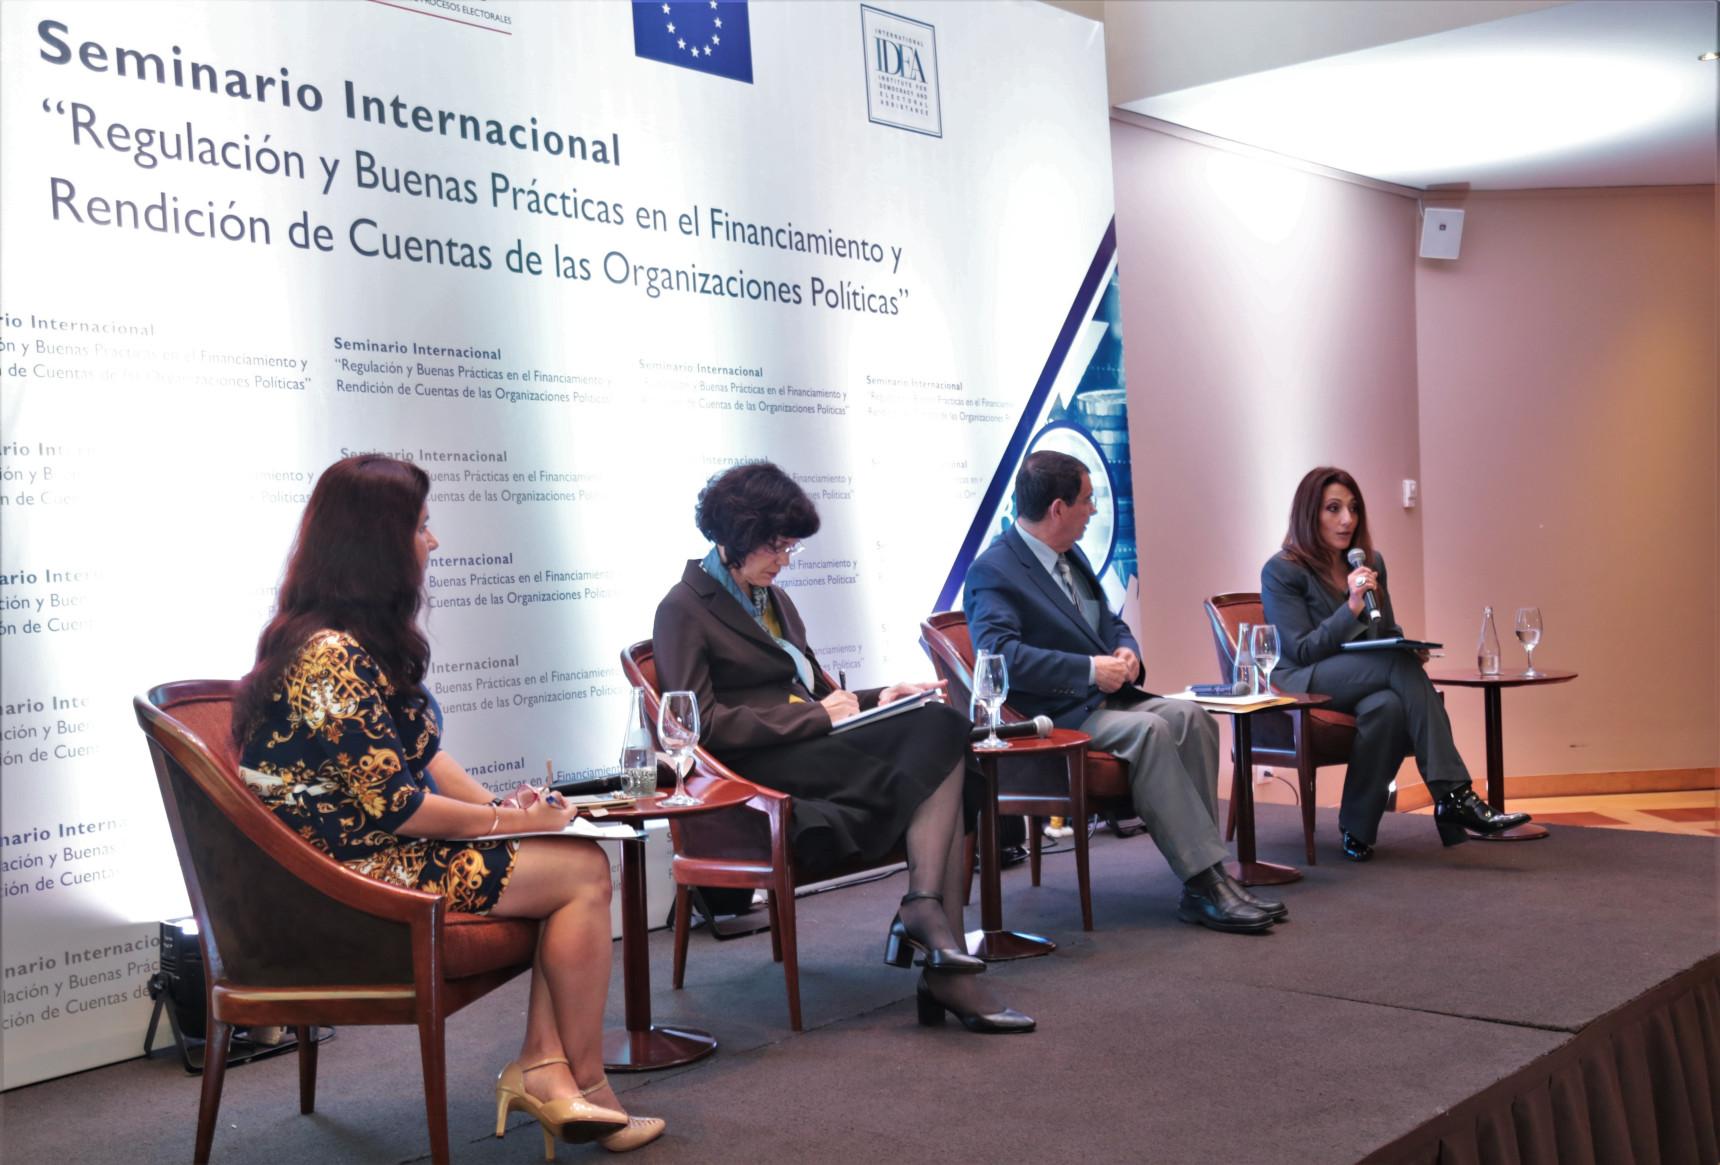 Directora del área de Calidad de la Democracia participa en debate sobre reformas políticas en Perú